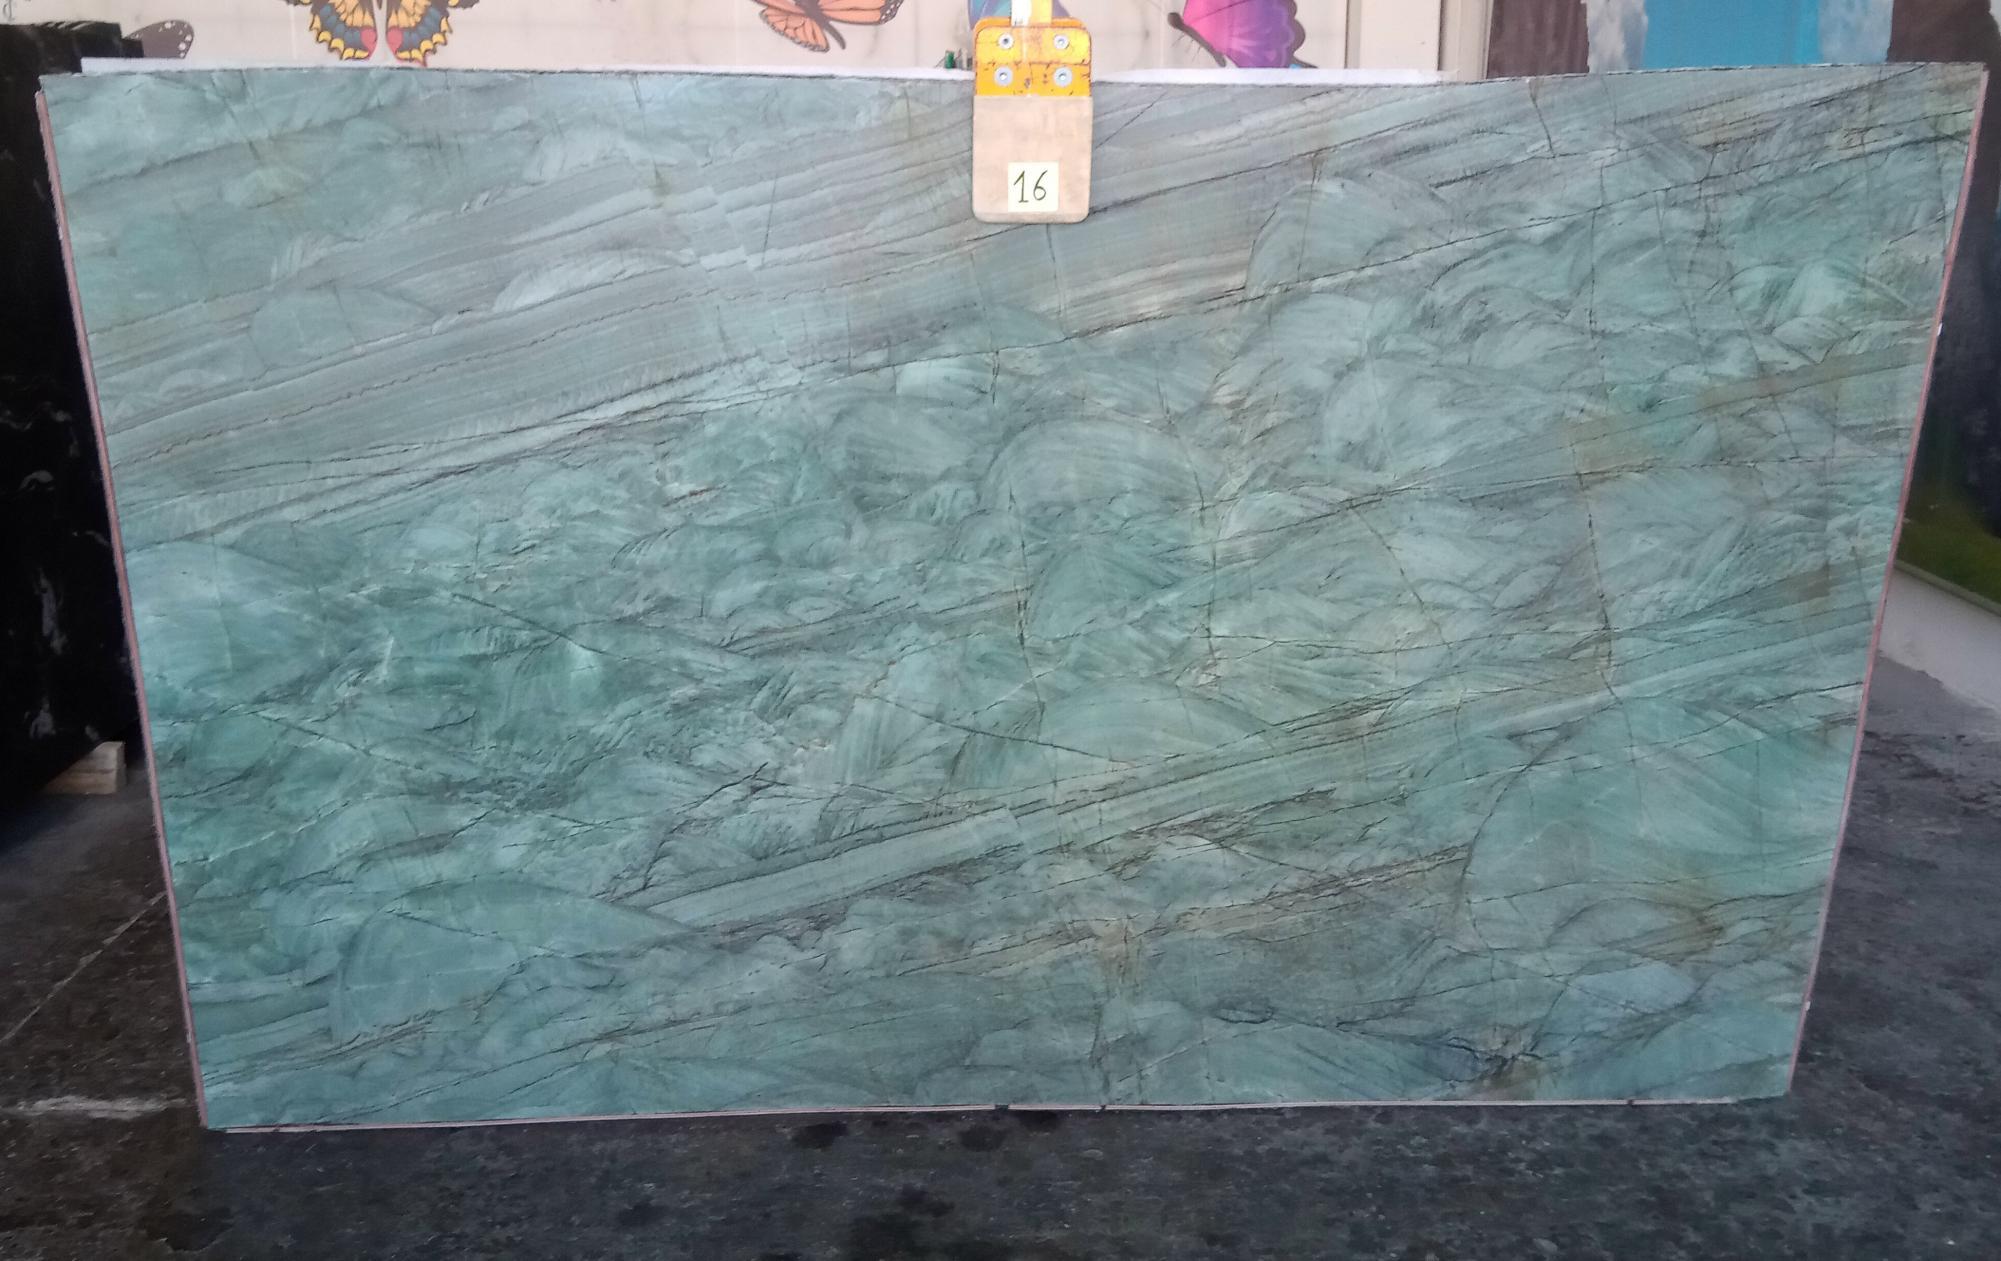 EMERALD GREEN Fornitura Veneto (Italia) di lastre grezze lucide in quarzite naturale Z0209 , Slab #16